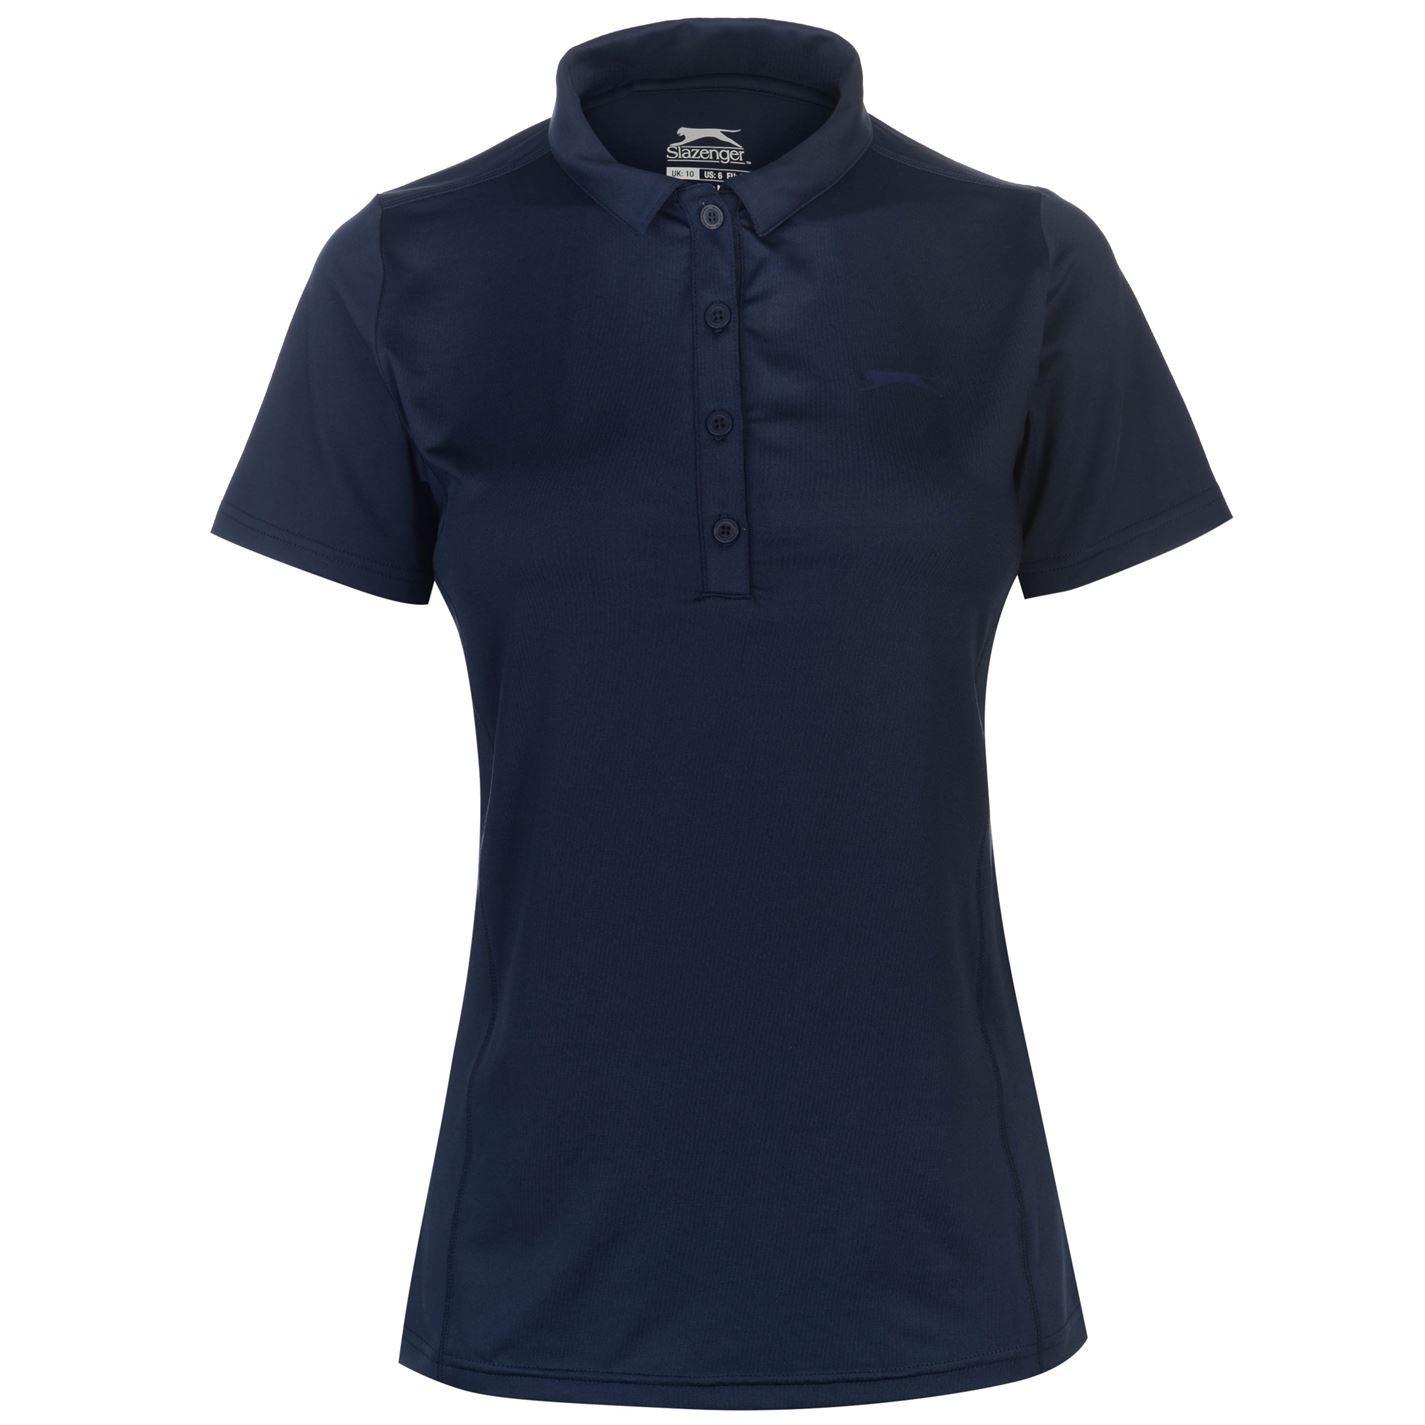 Slazenger-Plain-Golf-Polo-Shirt-Womens-T-Shirt-Top-Tee-Activewear miniature 3